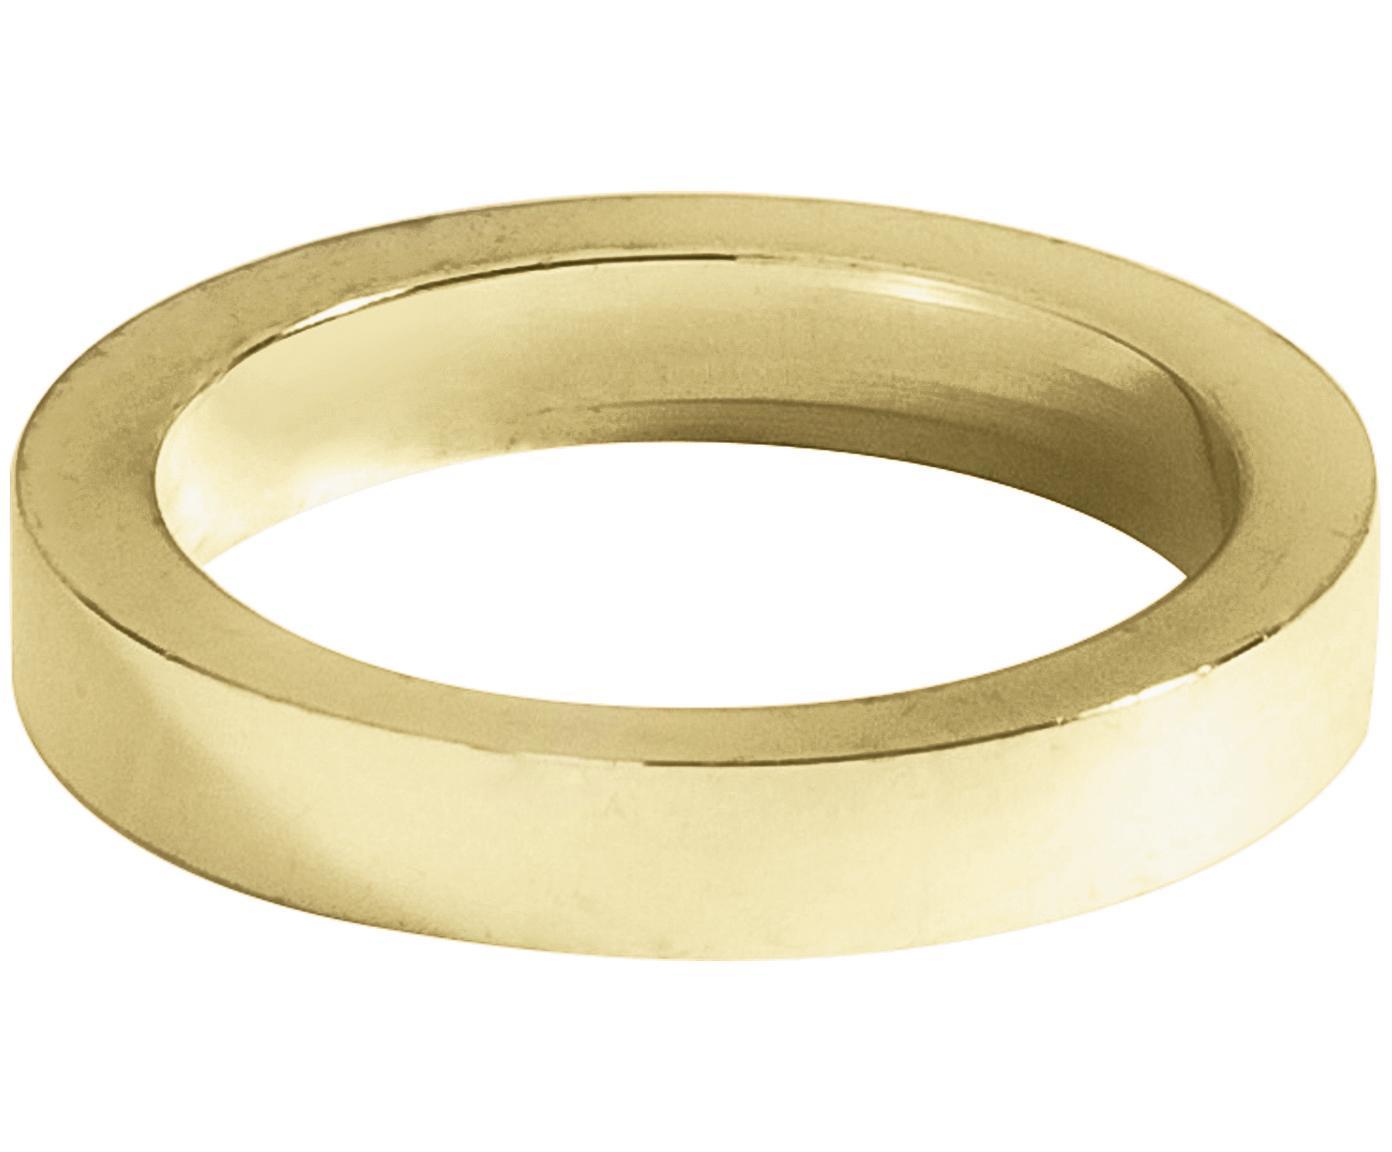 Obrączka na serwetkę Vasa, 4szt., Metal powlekany z antycznym wykończeniem, Odcienie złotego, Ø 5 cm